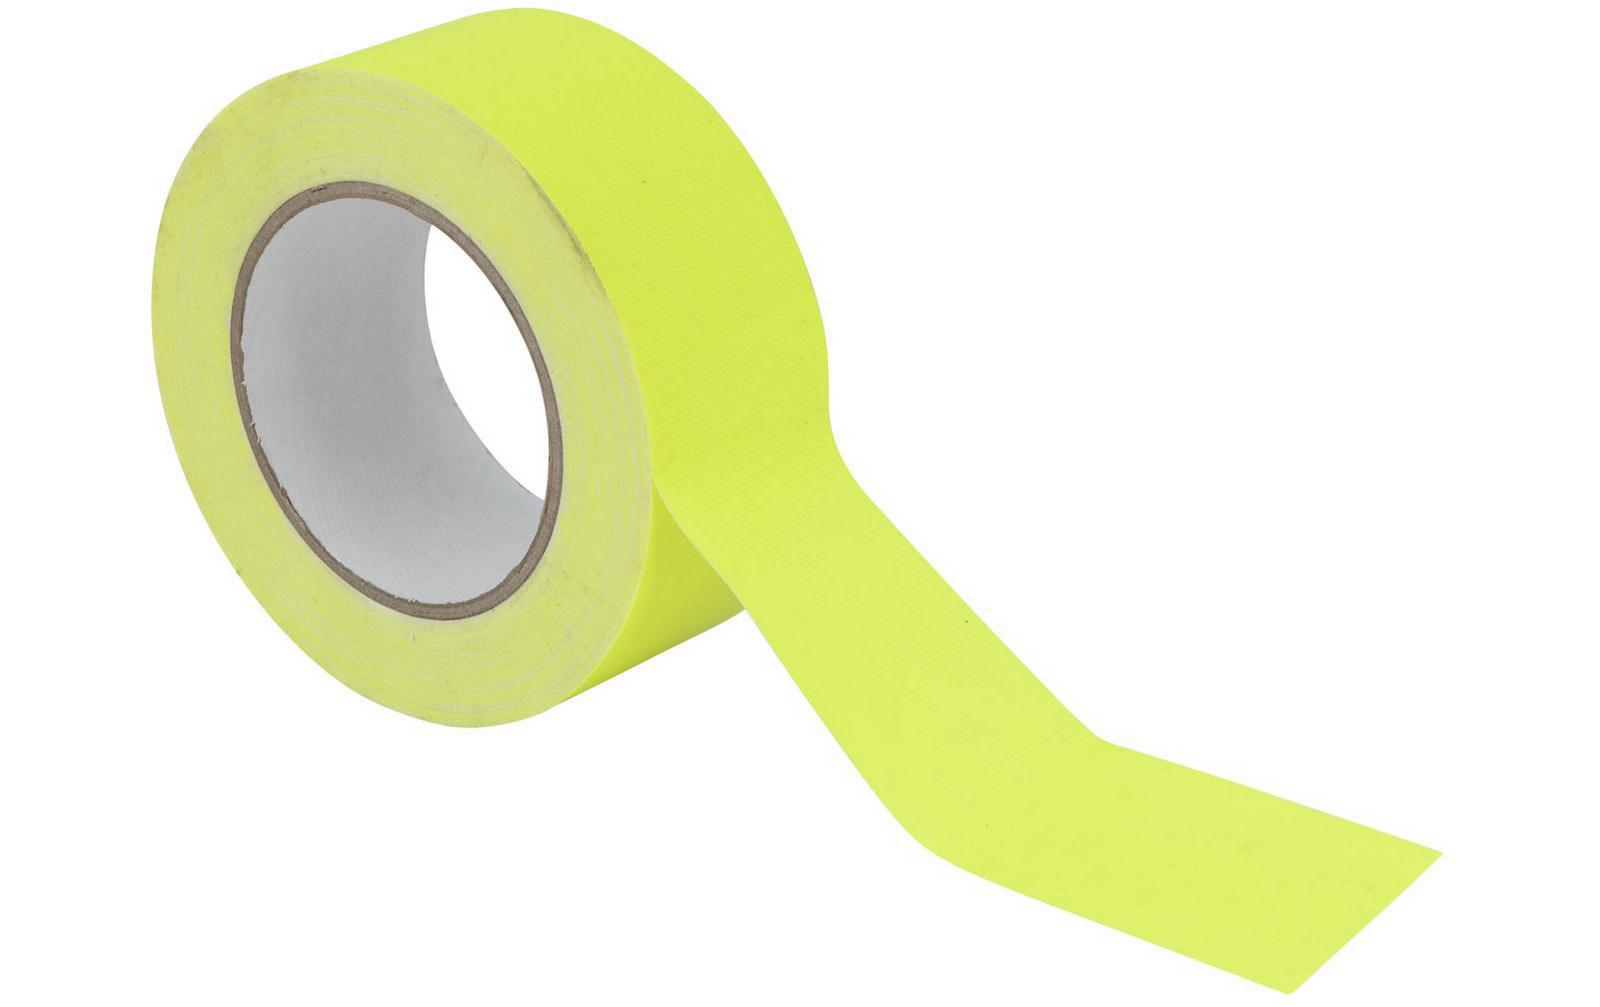 gaffa-tape-50mm-x-25m-neongelb-uv-aktiv